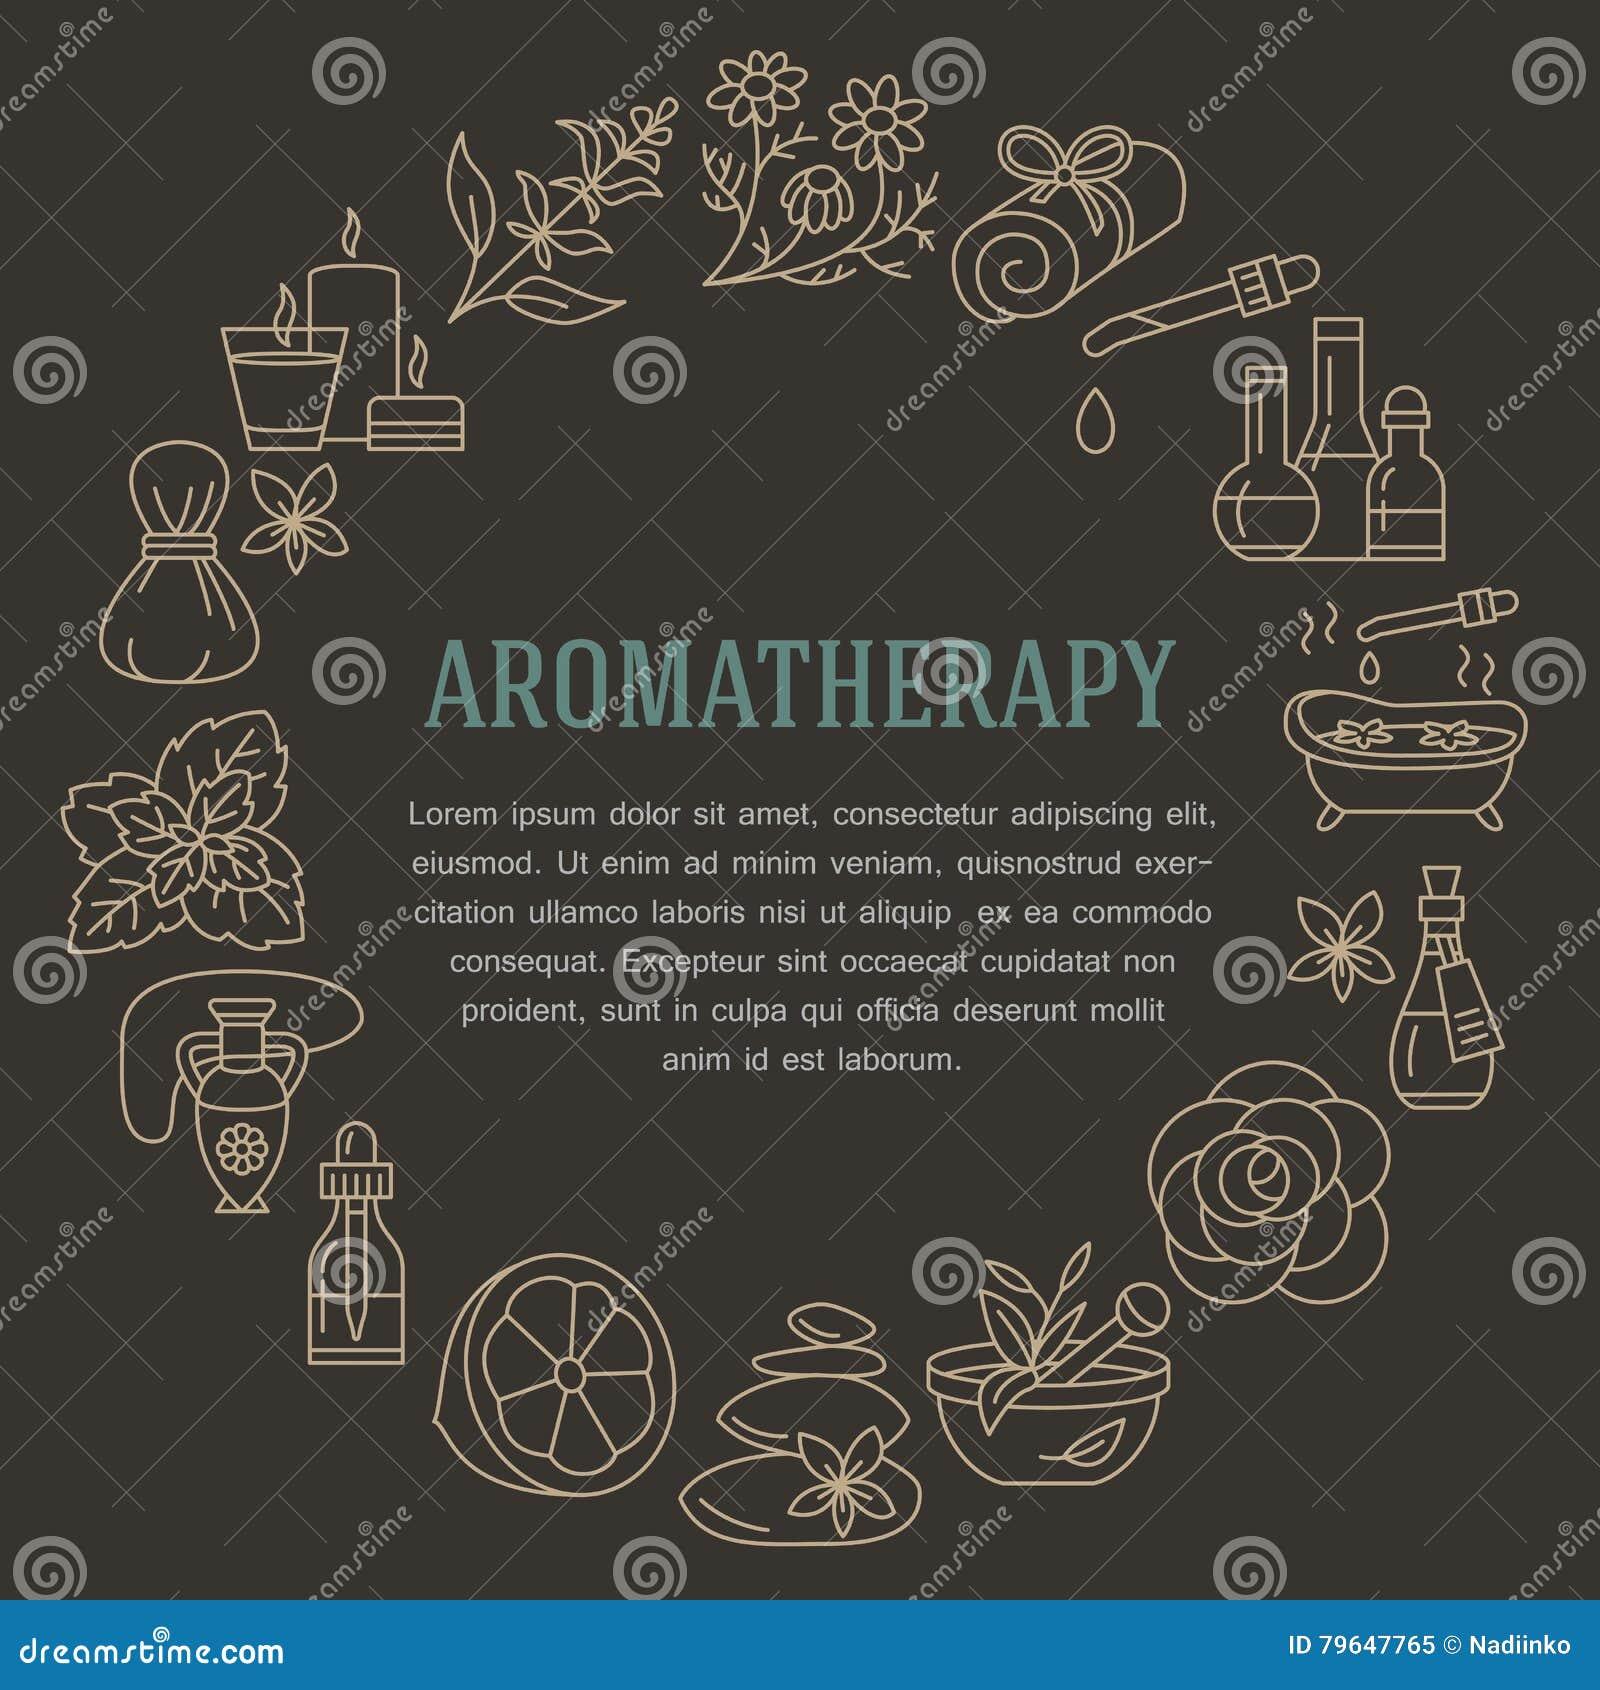 Aromatherapy en van de etherische oliënbrochure malplaatje Vectorlijnillustratie van aromatherapy verspreider, oliebrander, kuuro